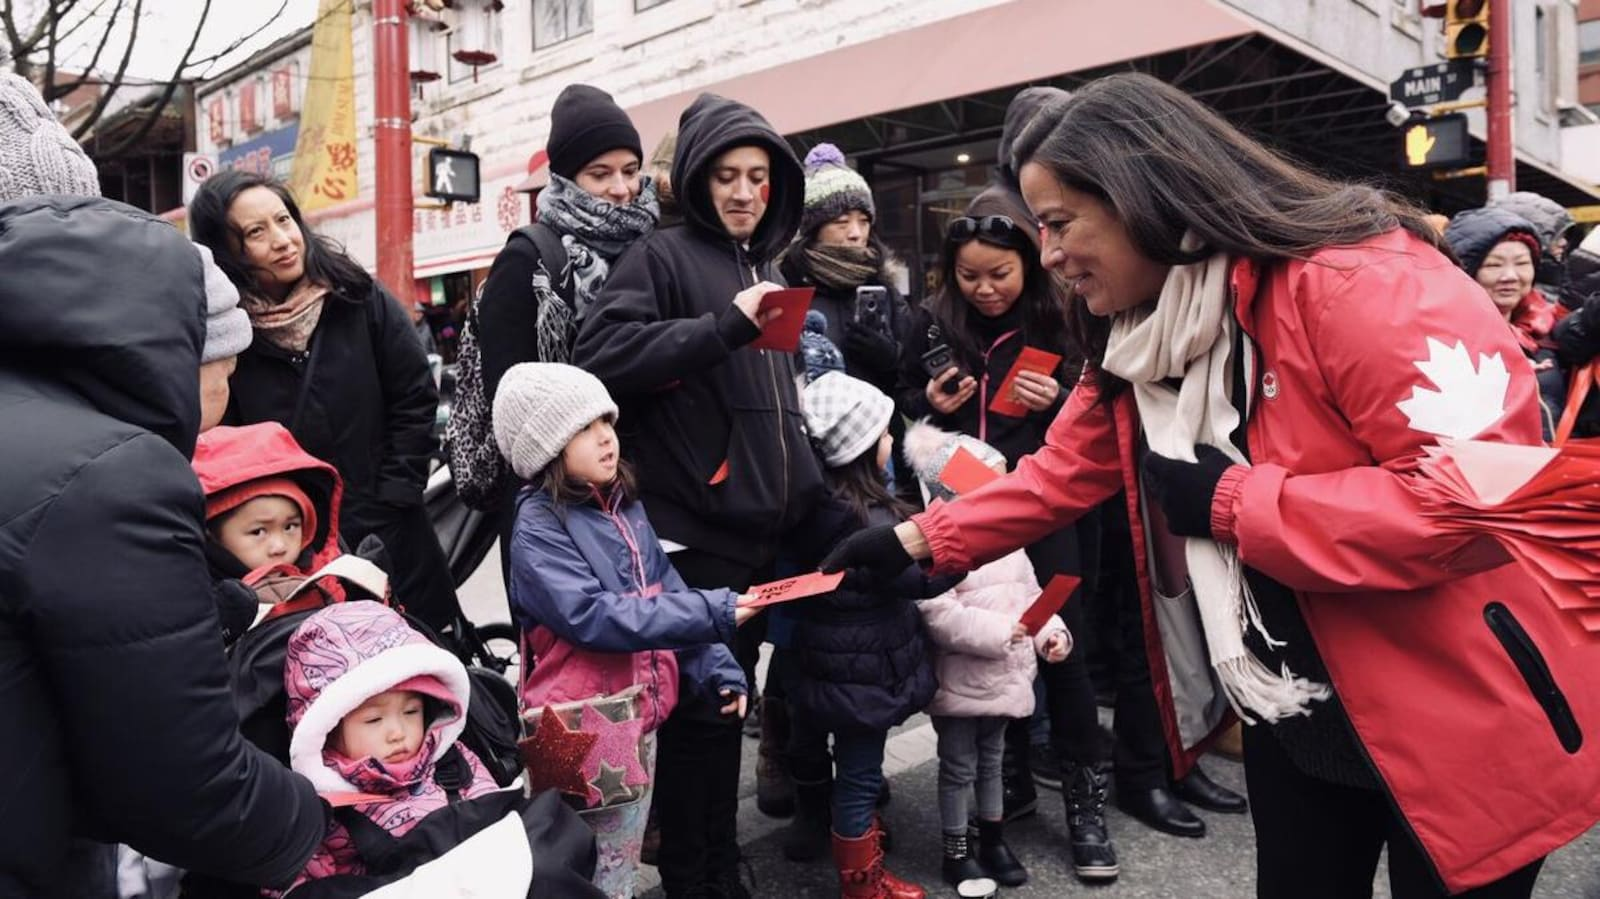 Une femme dans la quarantaine en veste rouge avec une feuille d'érable donne des feuilles rouges à des enfants et des adultes dans une rue lors d'un défilé.